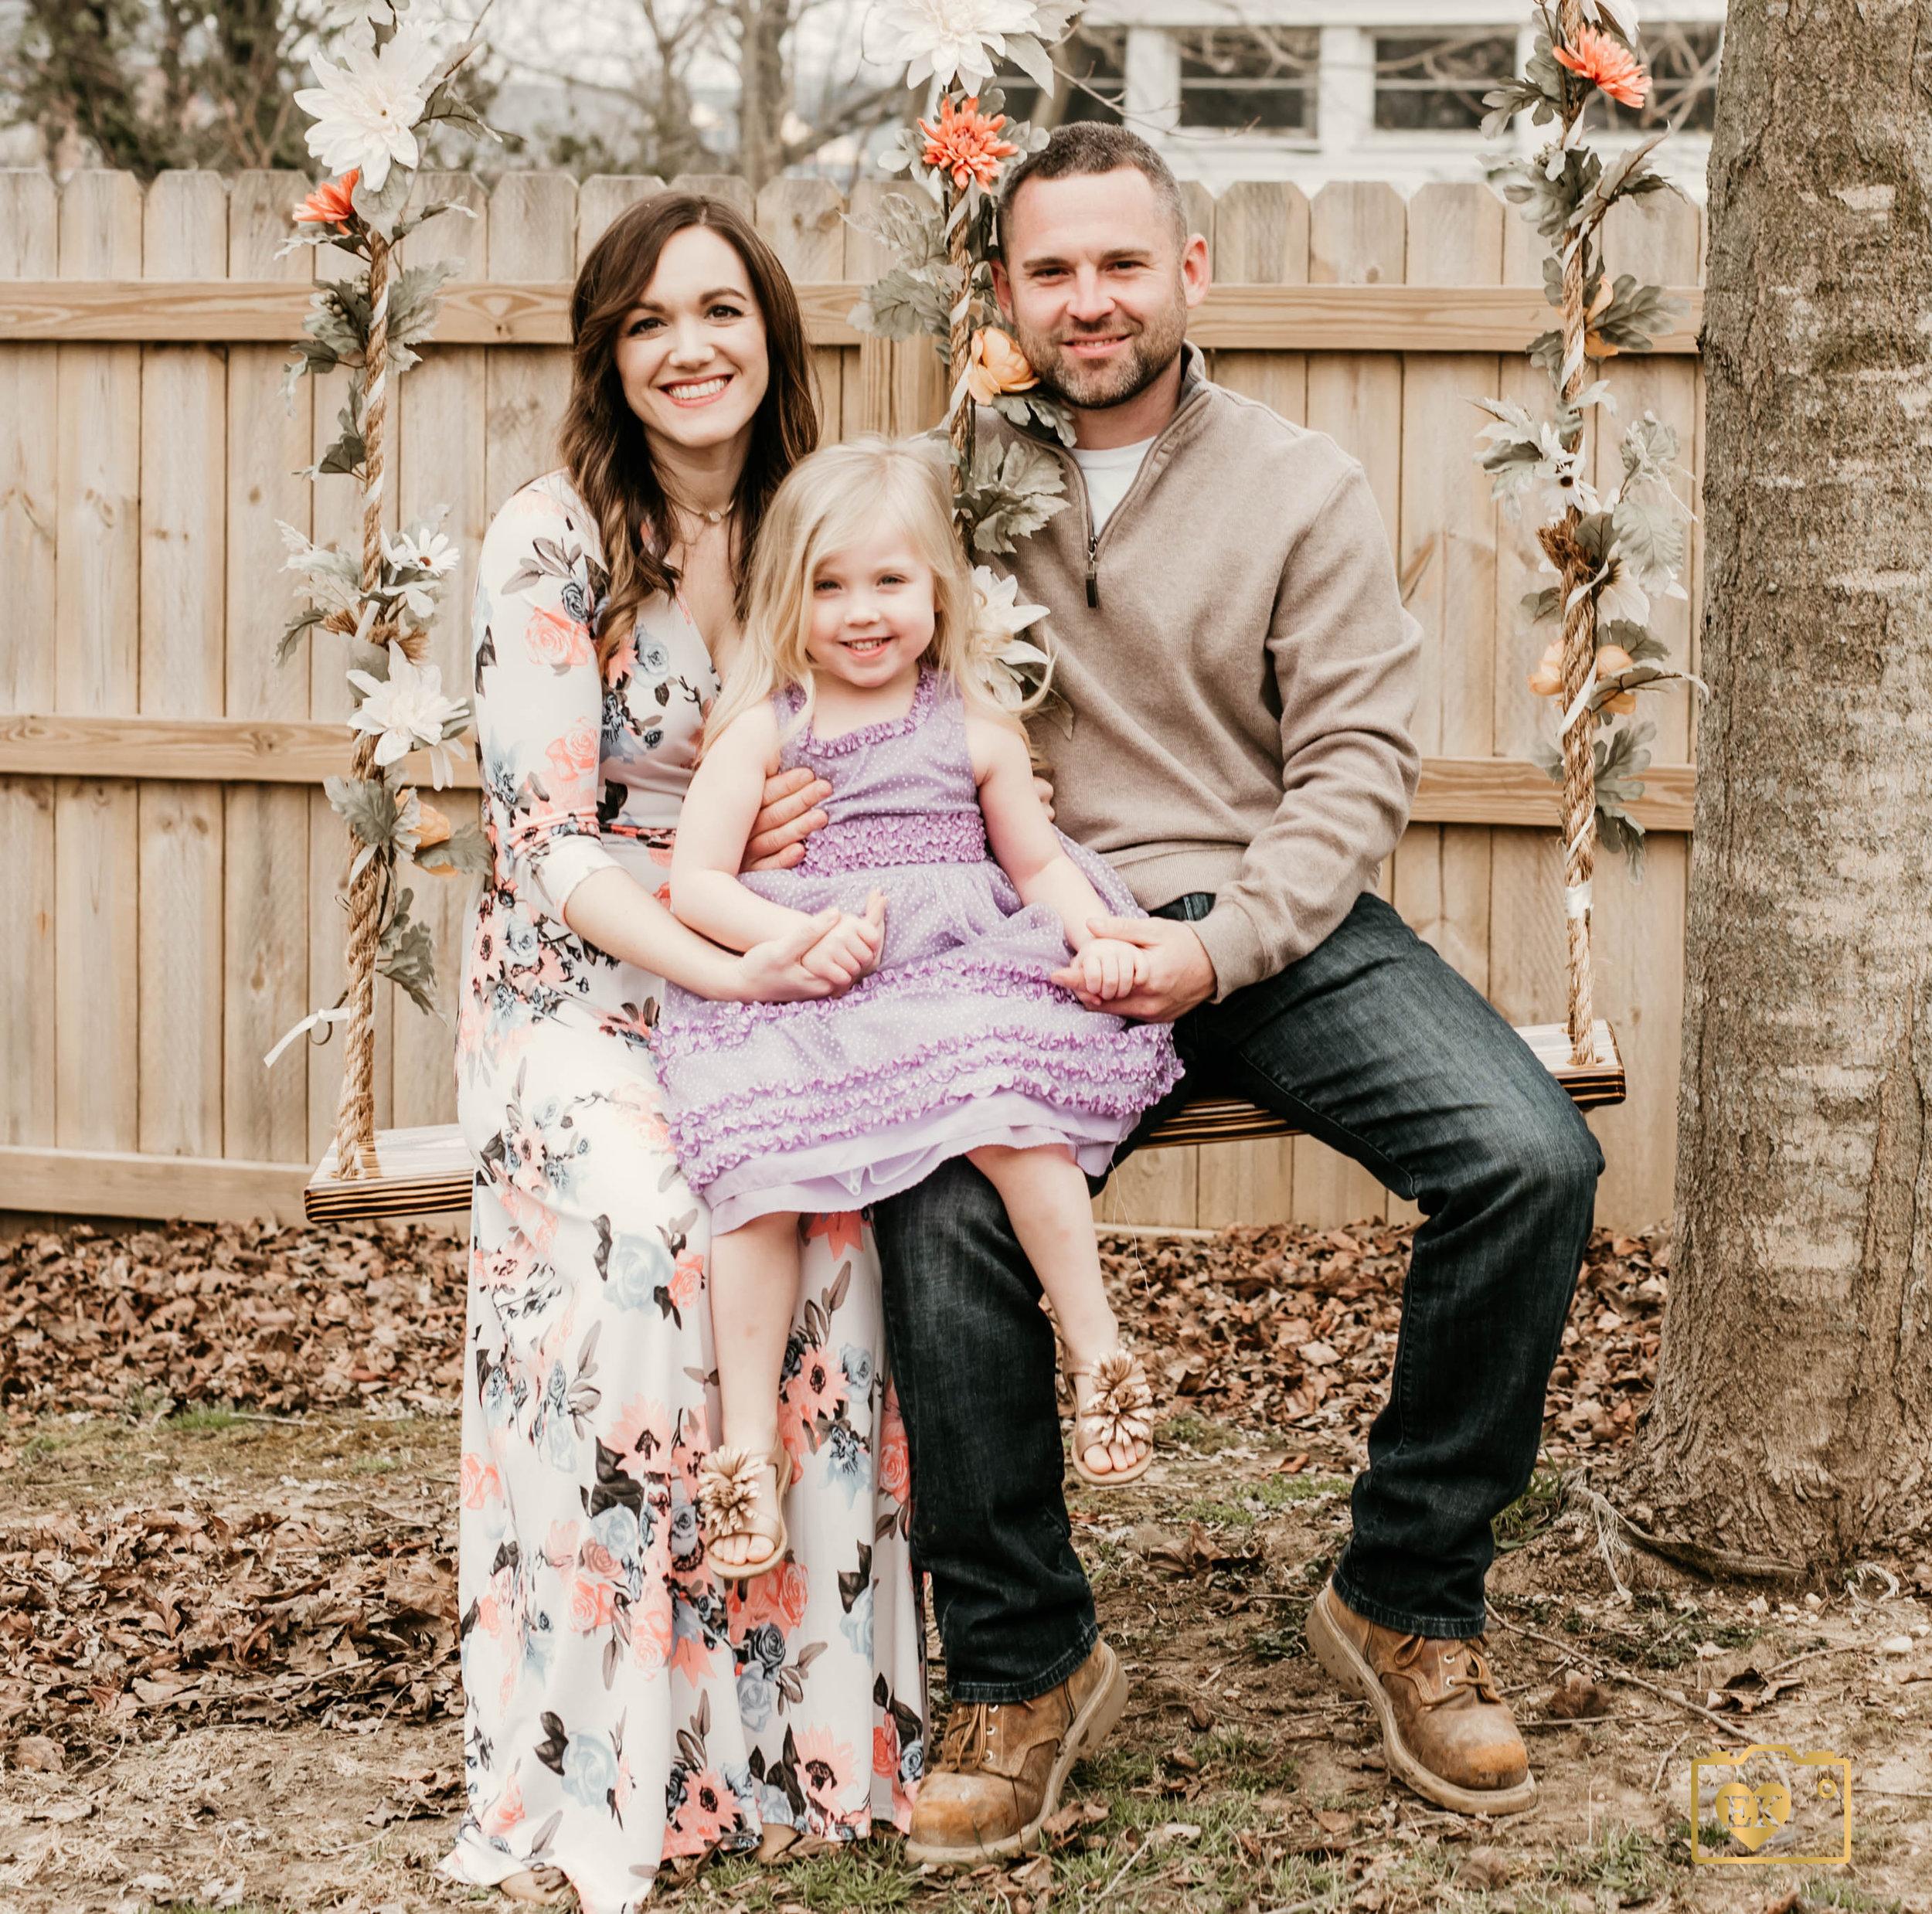 musselmanfamily8.jpg